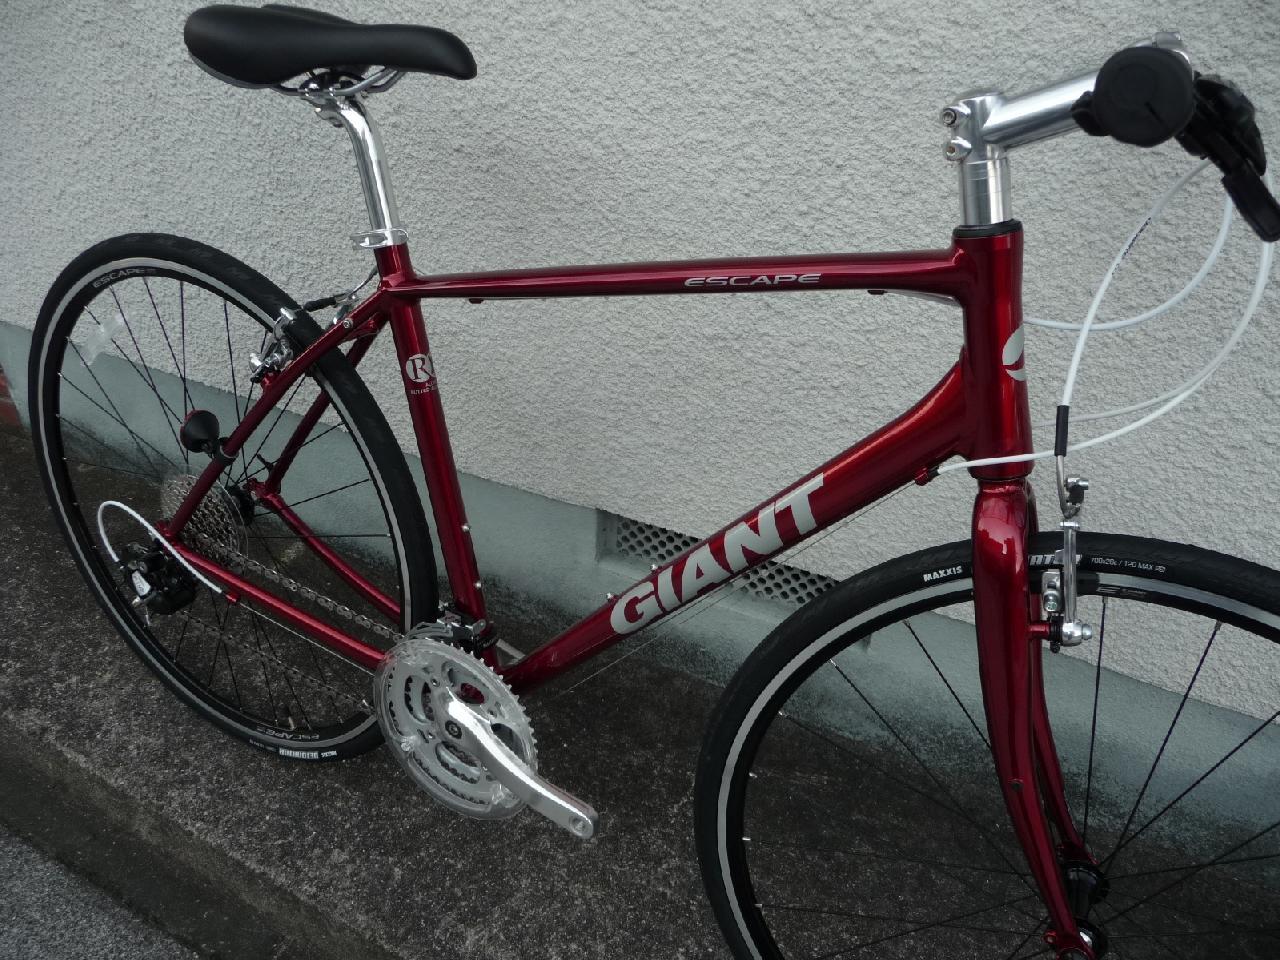 自転車の escape r3 自転車 : 2015 GIANT ESCAPE R3/2015 モデル ...